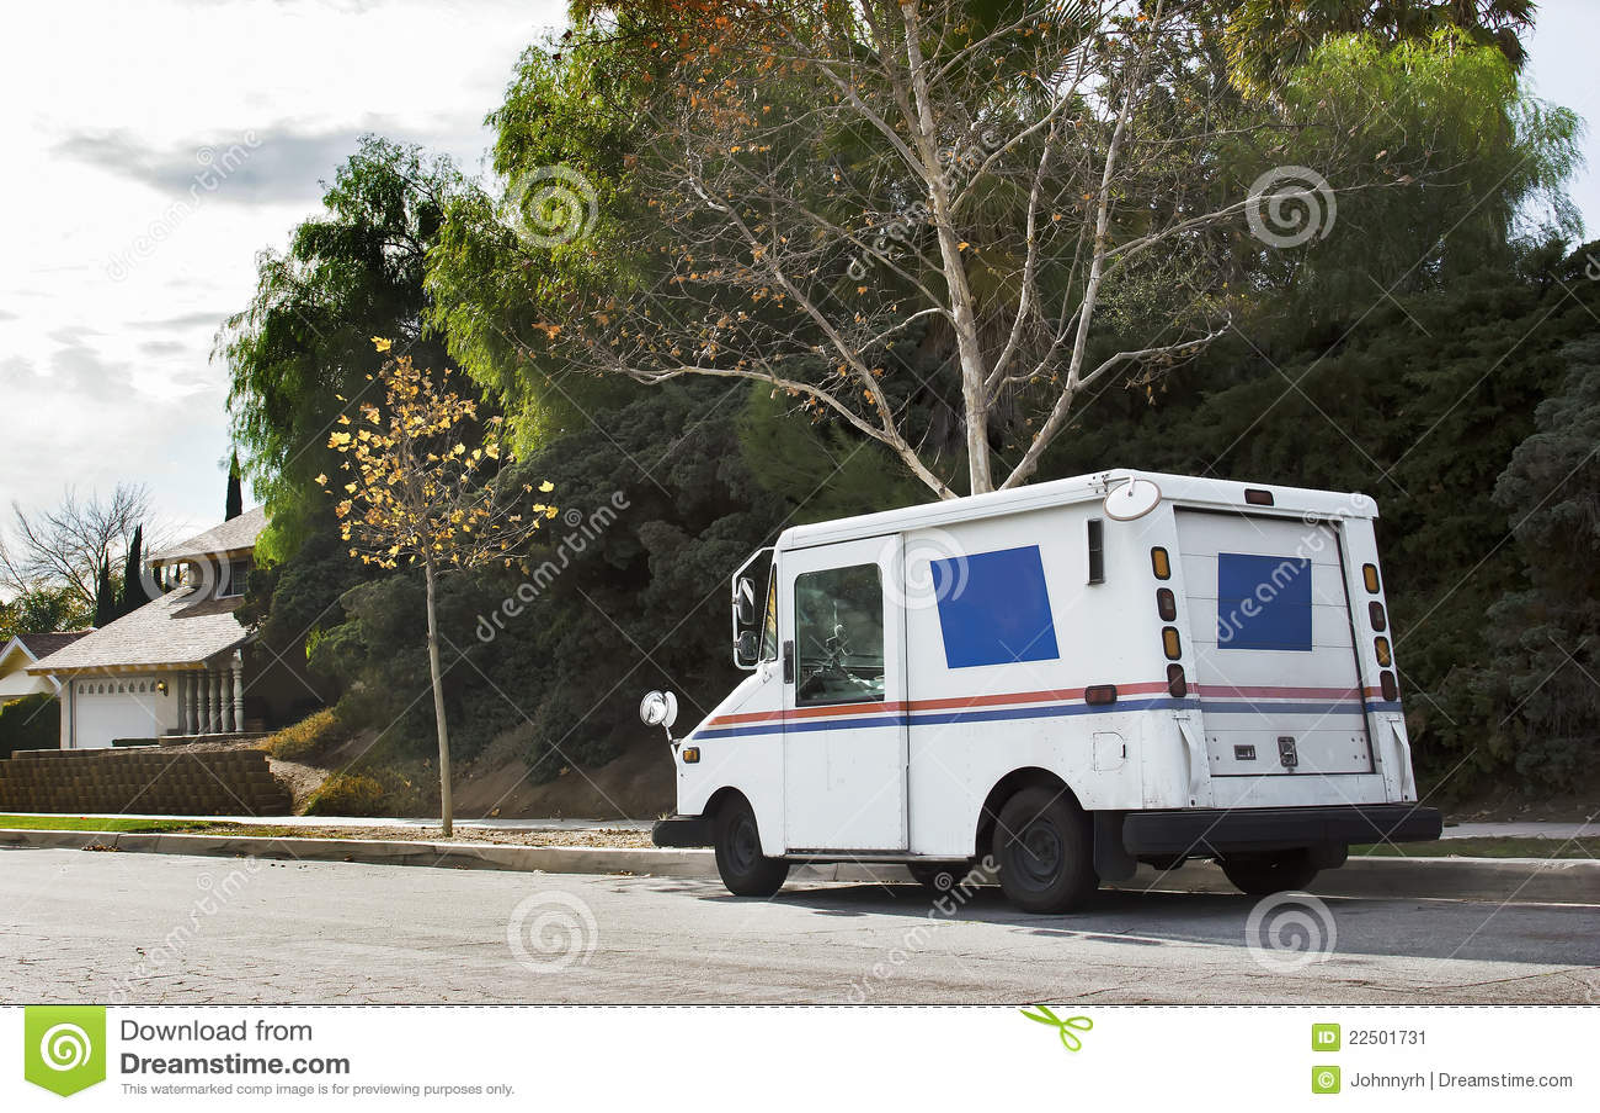 Automobile postale in distretto residenziale